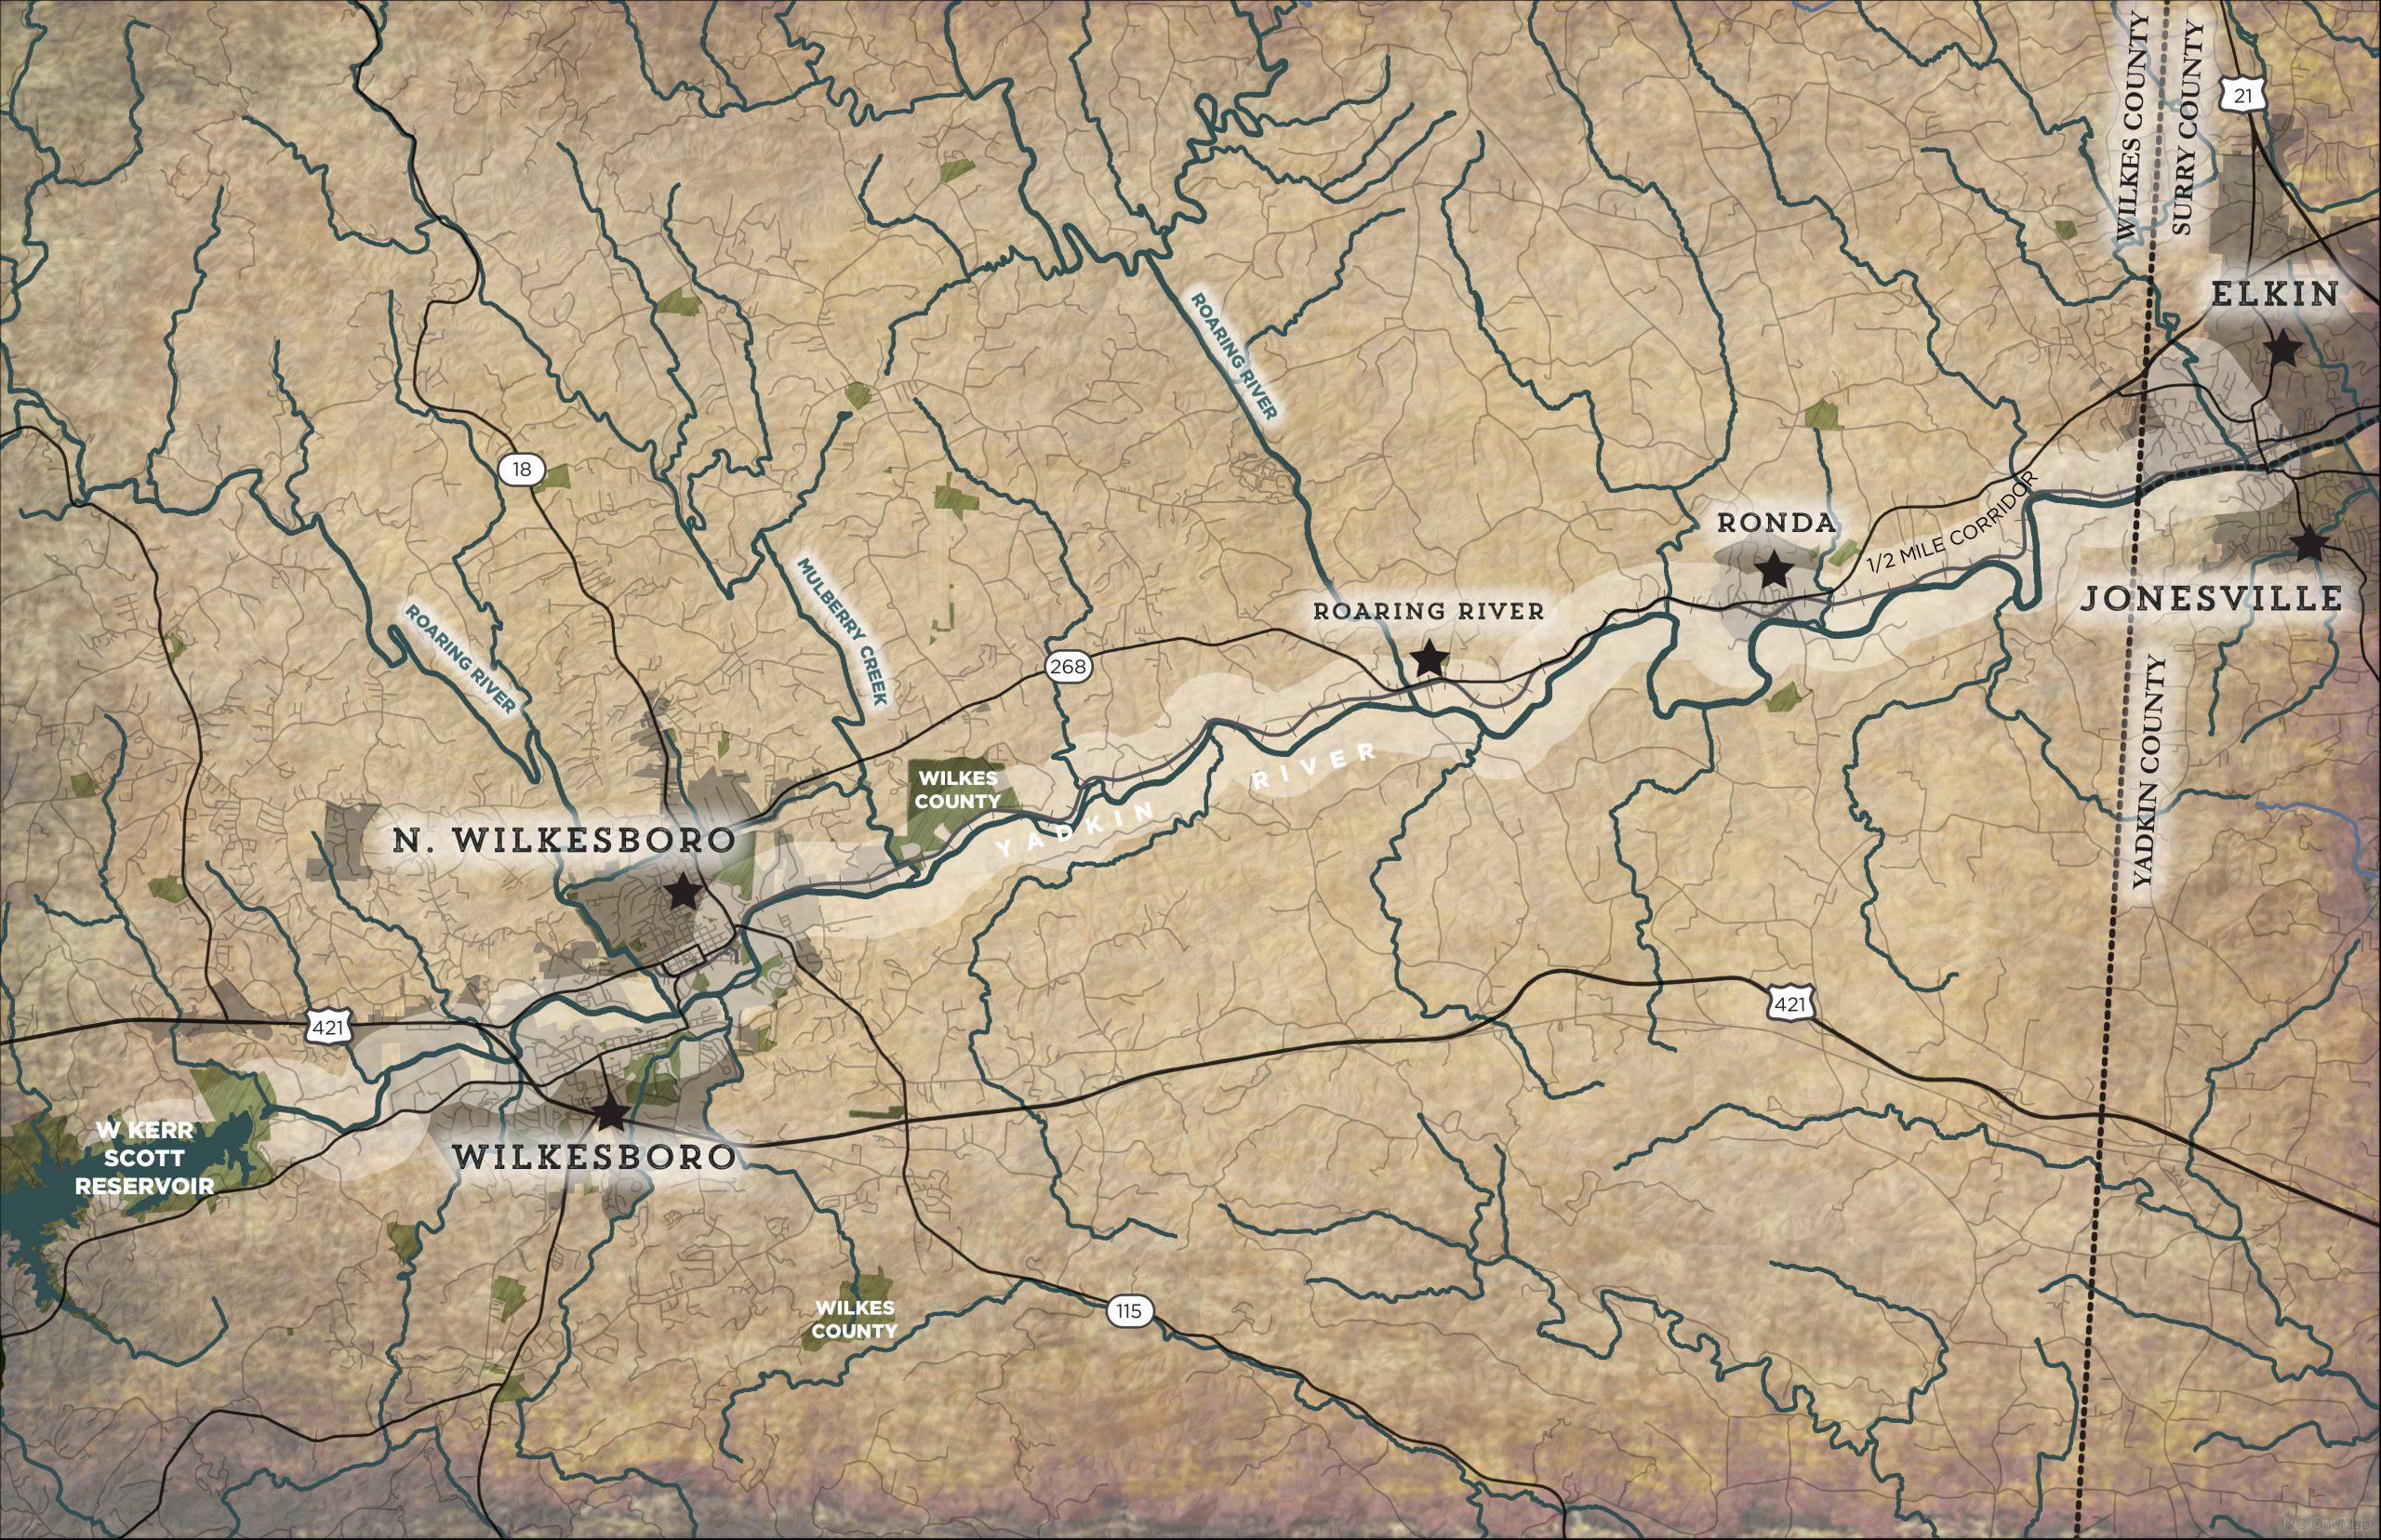 Trail Planning & Design